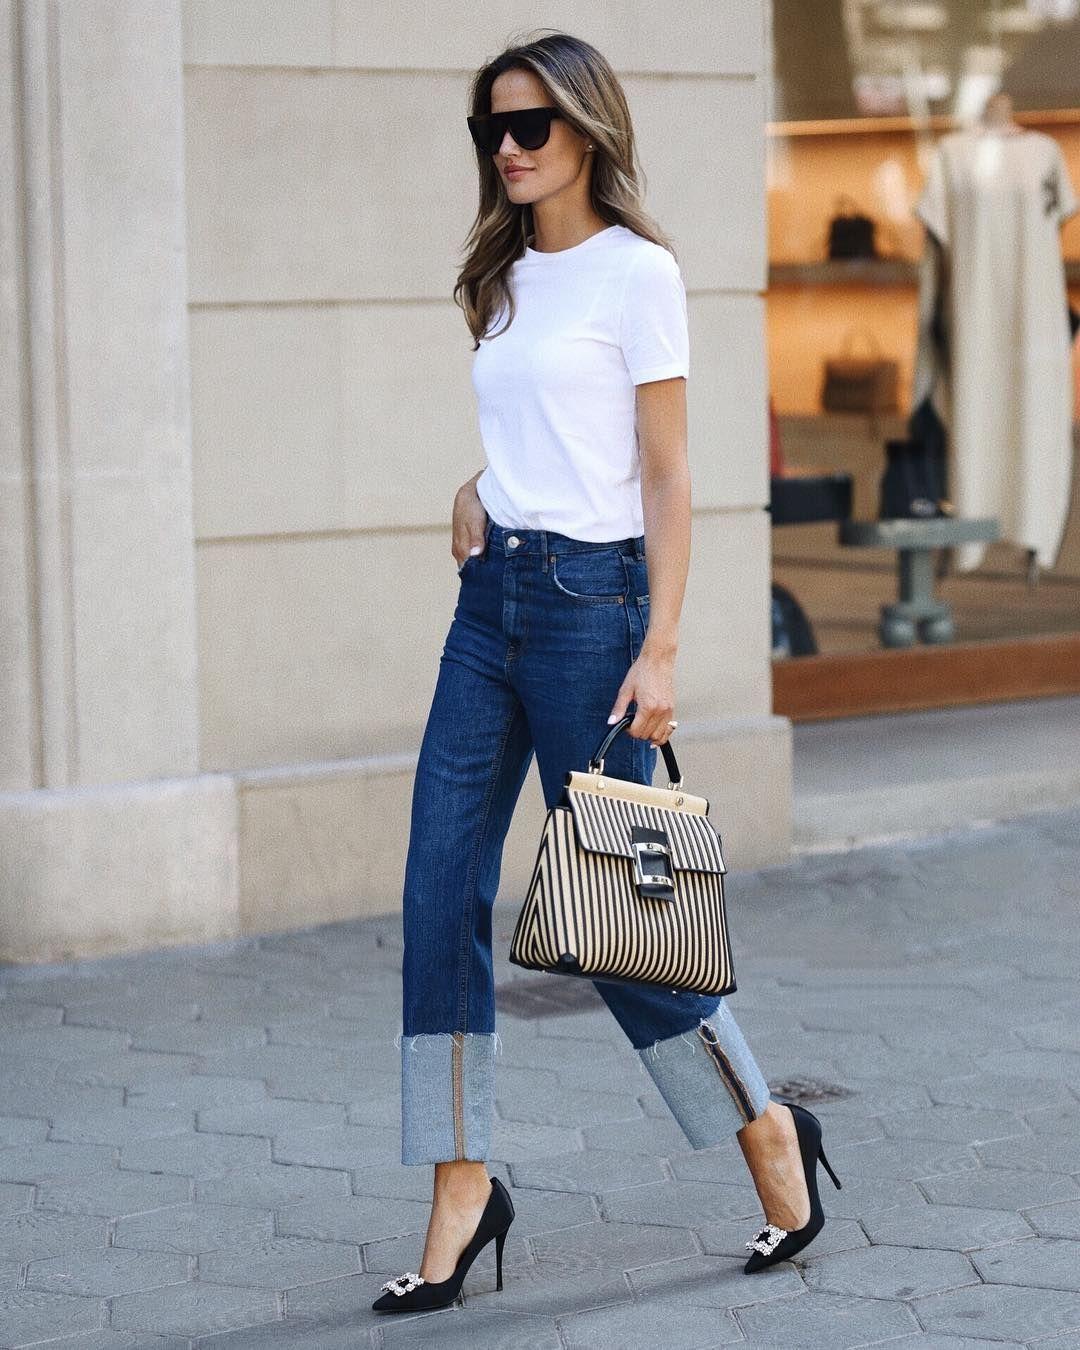 белая футболка в гардеробе женщины